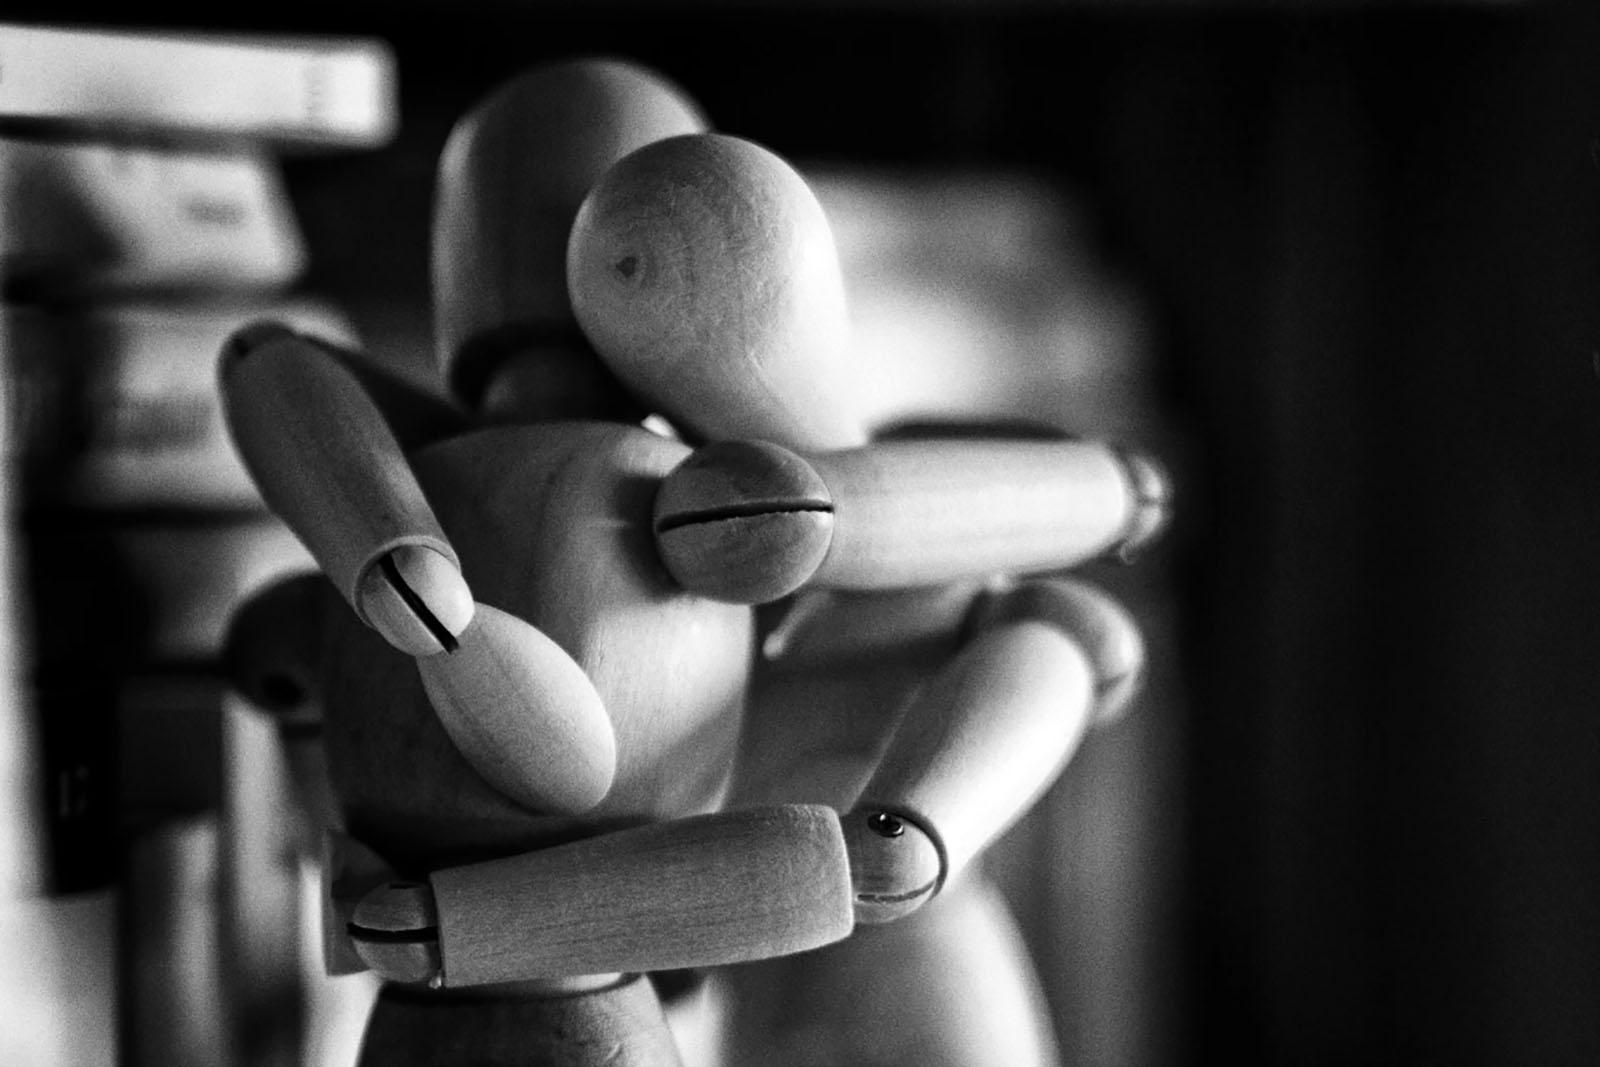 A Parentalidade Generativa apresenta 8 passos para guiar os pais e ajudar as crianças com trauma a criar resiliência.